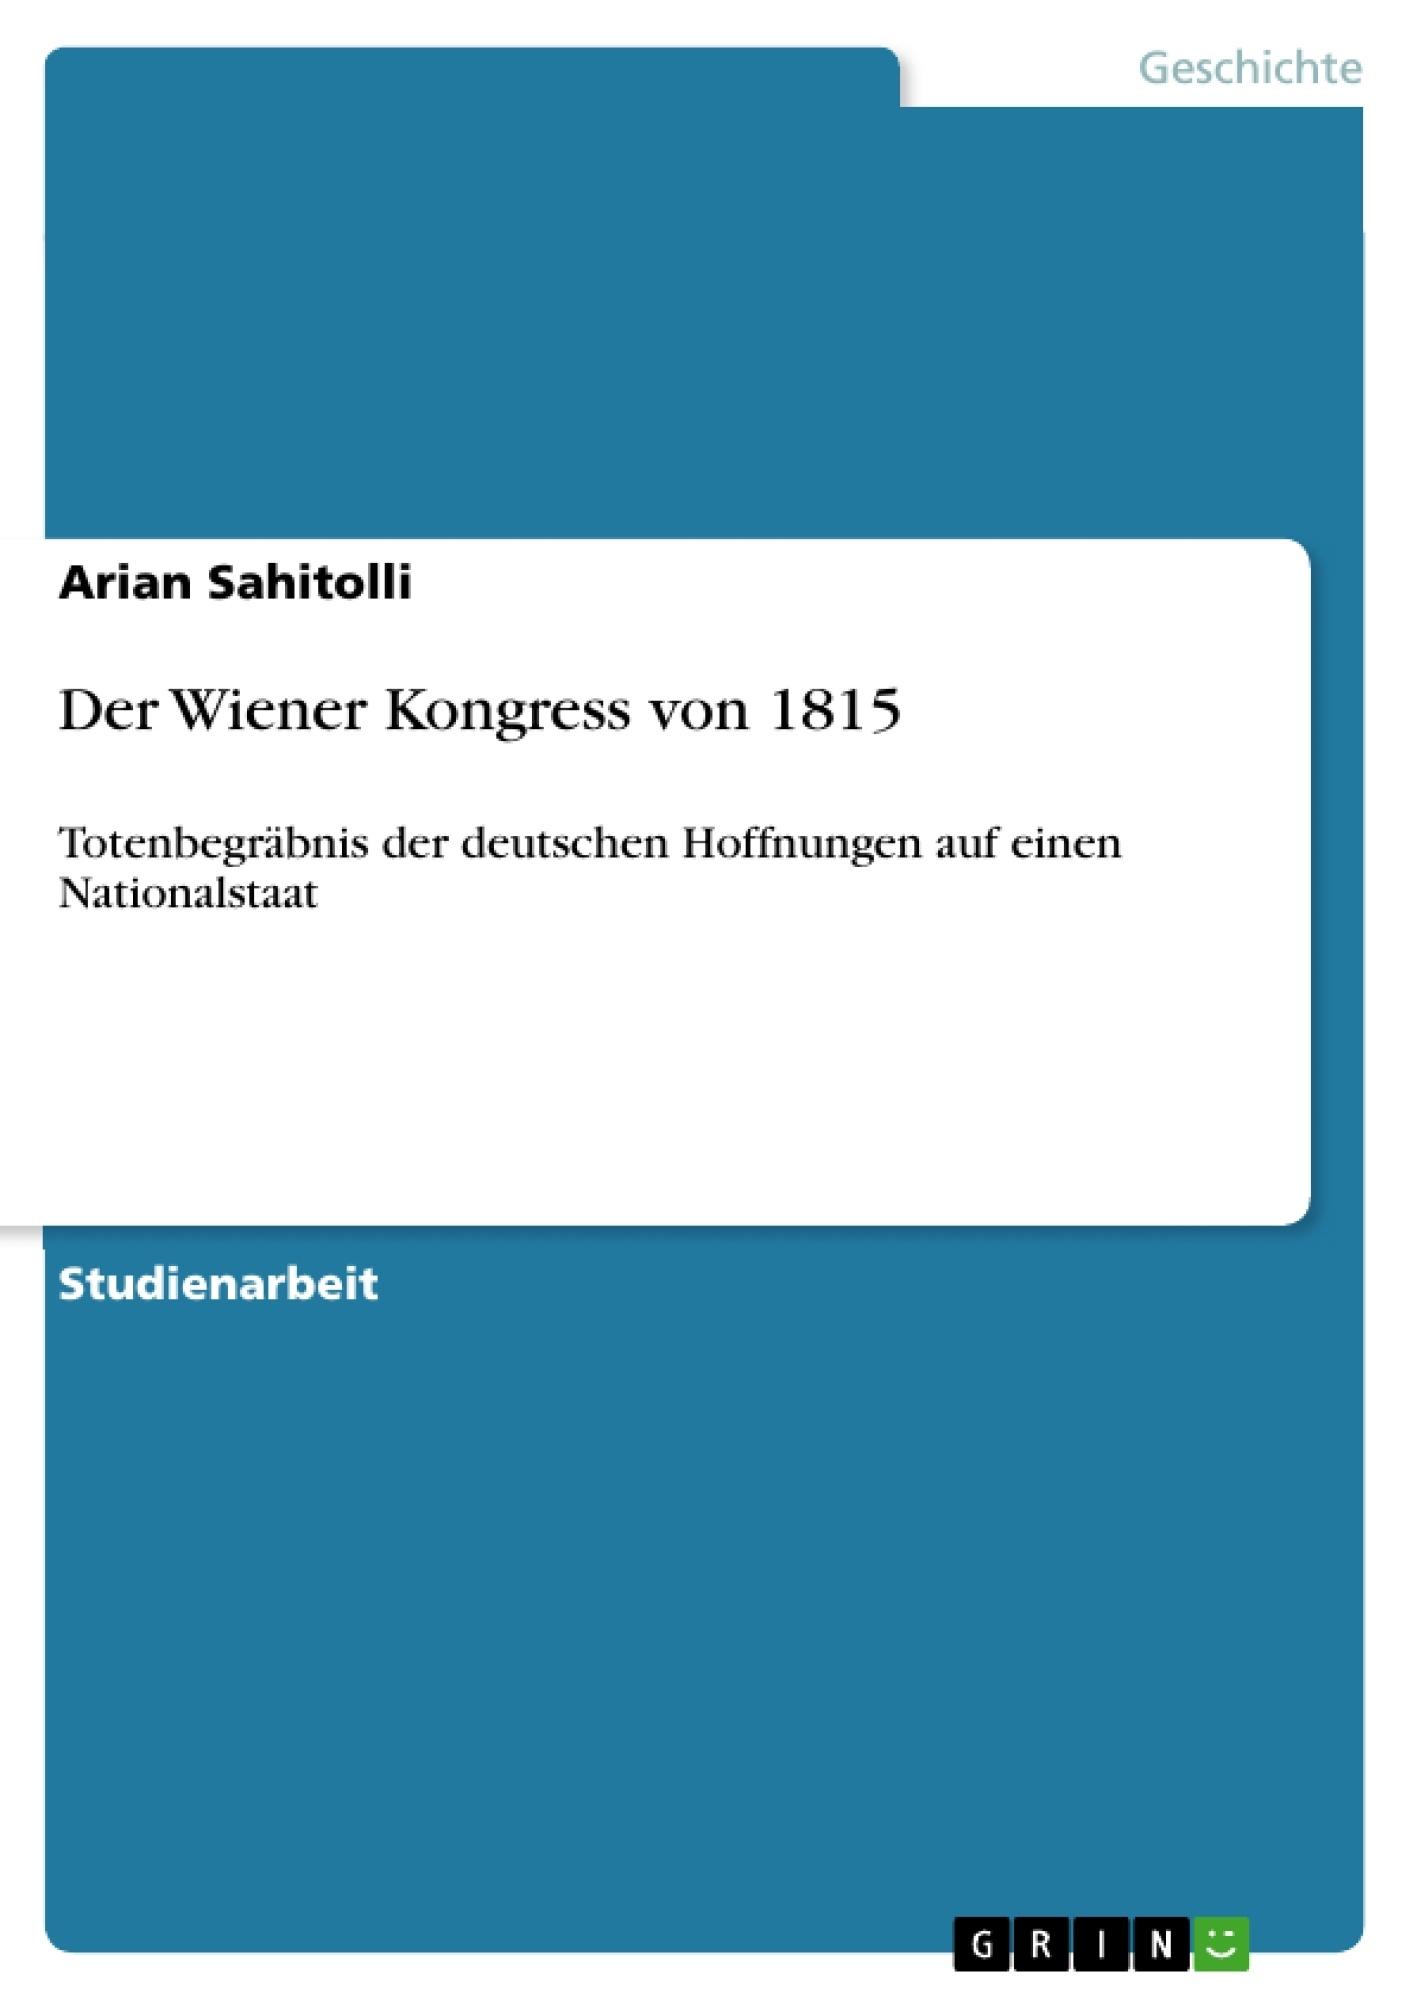 Titel: Der Wiener Kongress von 1815